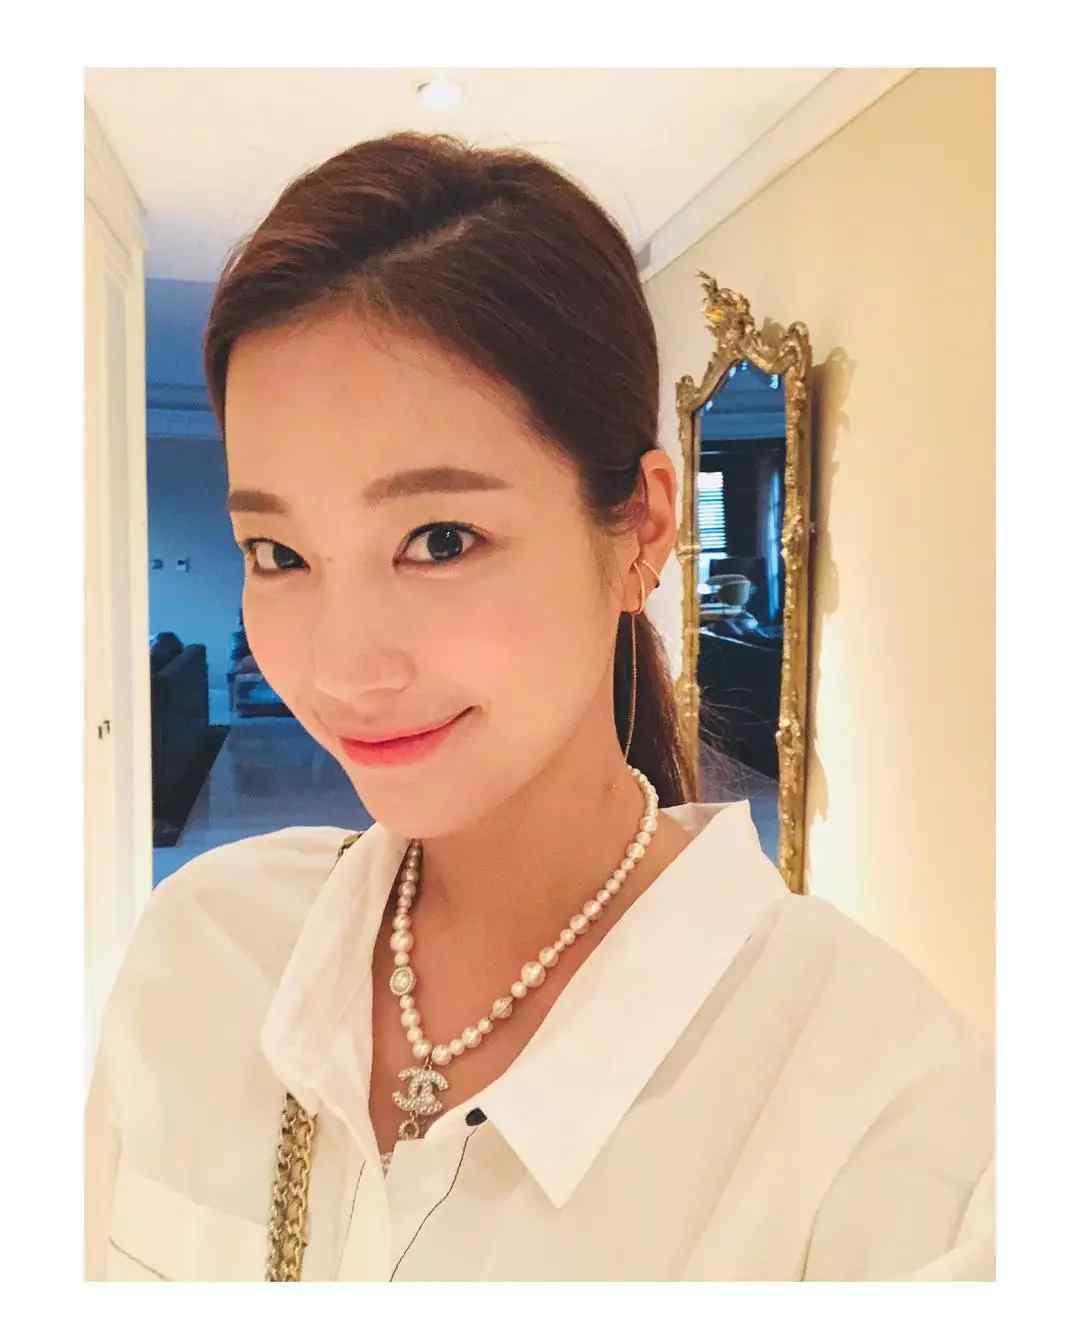 韩国厨娘 演员、网红、厨娘... 这位韩国名媛小姐姐的生活真是666